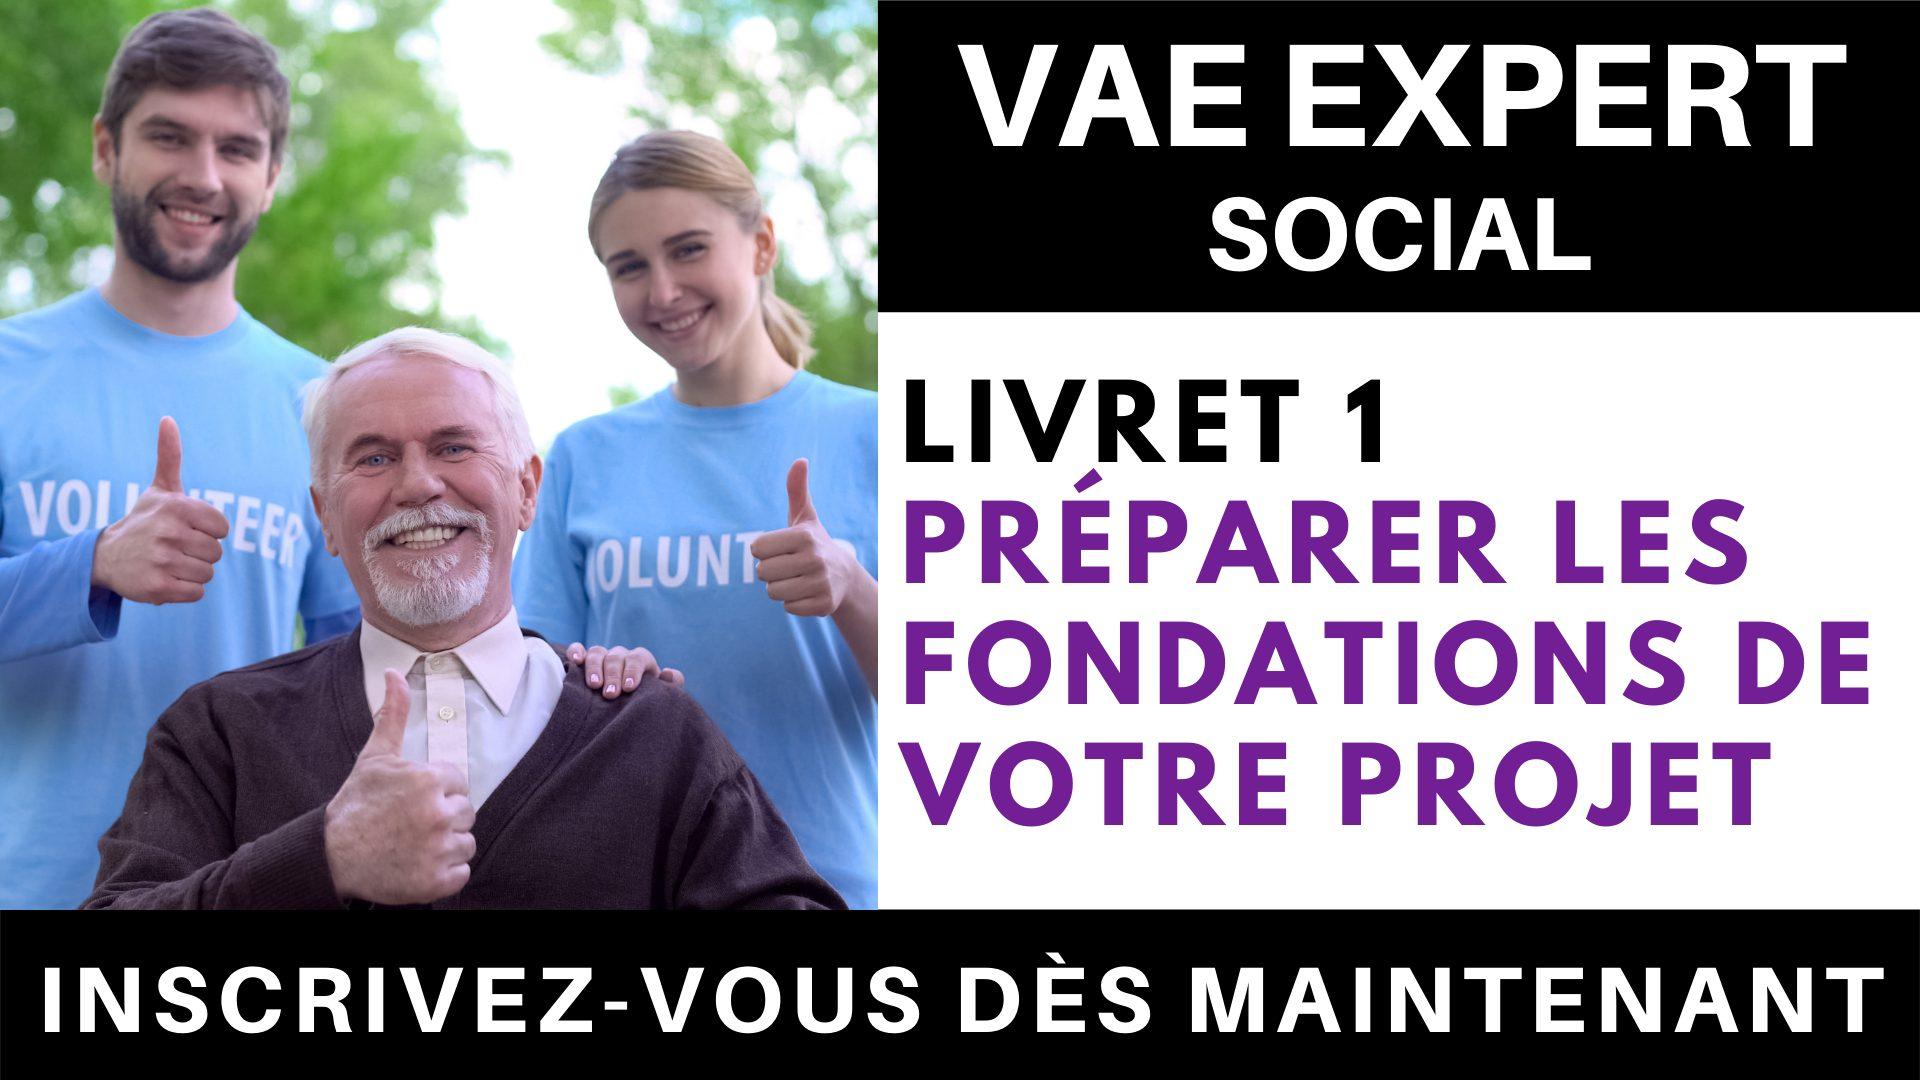 VAE EXPERT SOCIAL - Livret 1 préparer les fondations de votre projet